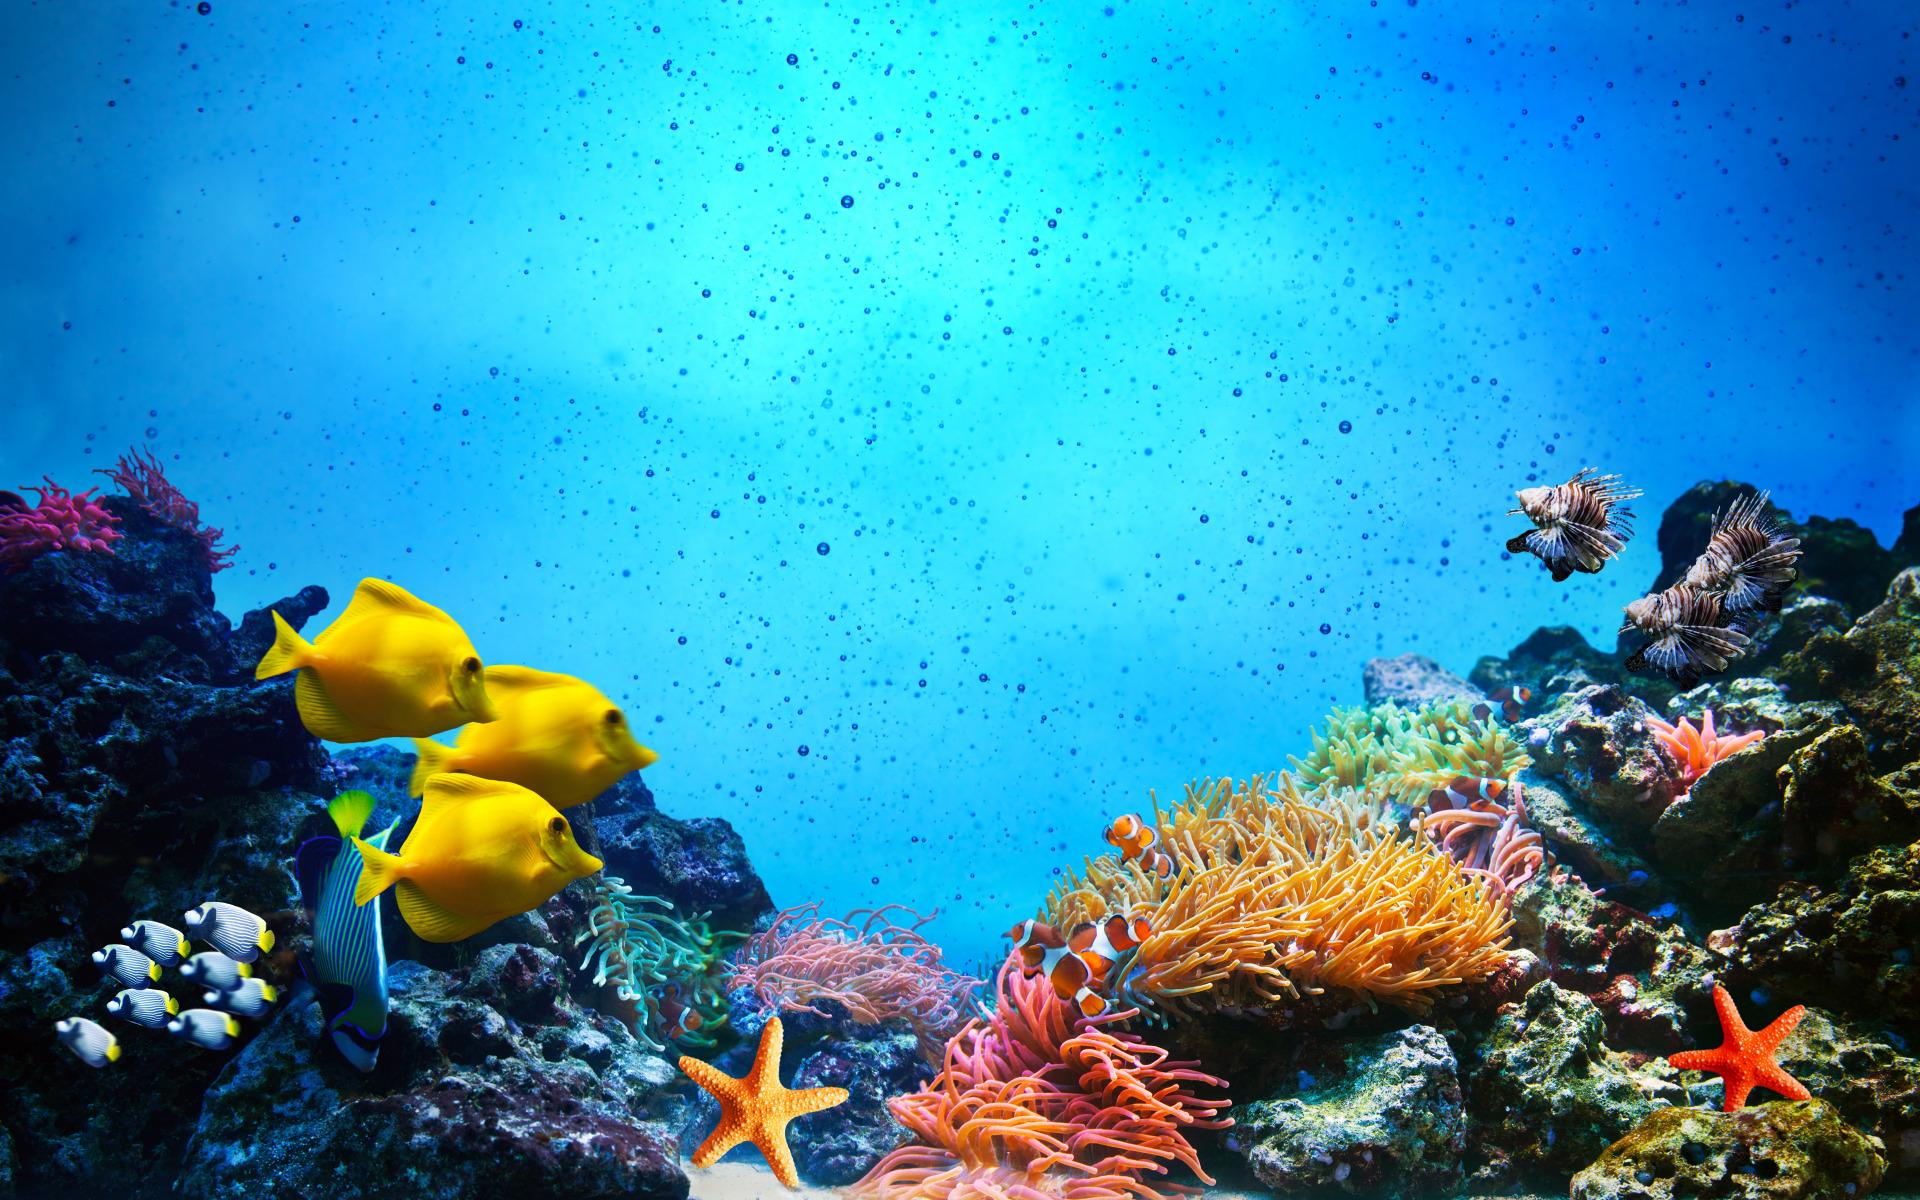 доступ функционалу картинки подводный мир океана понравился рисунок